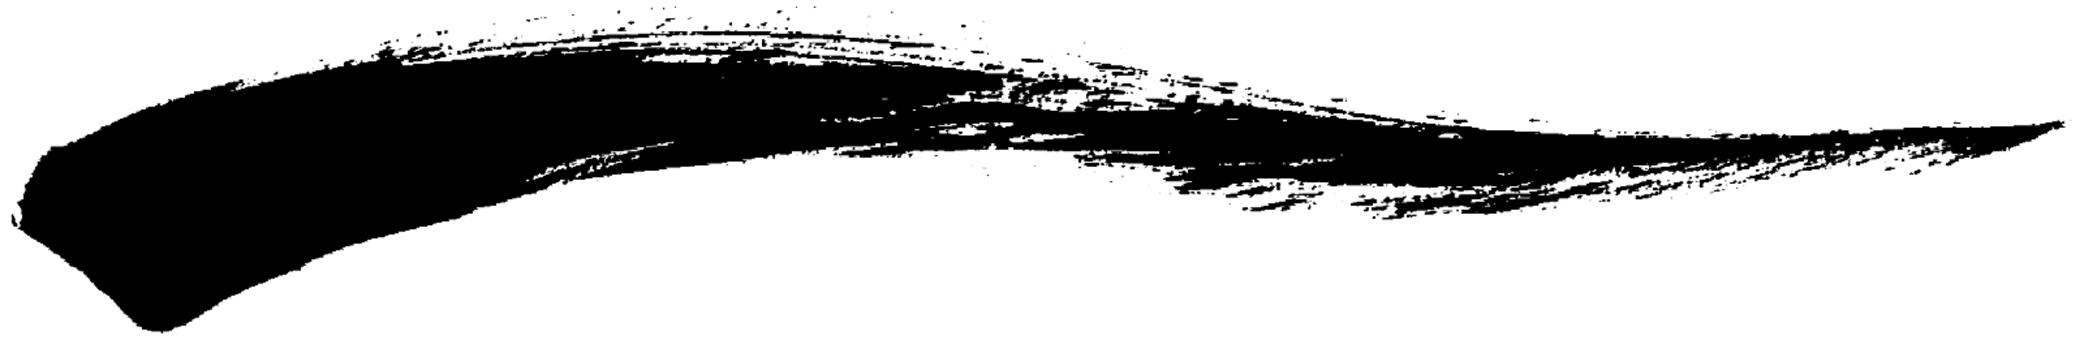 筆文字「筆線③」